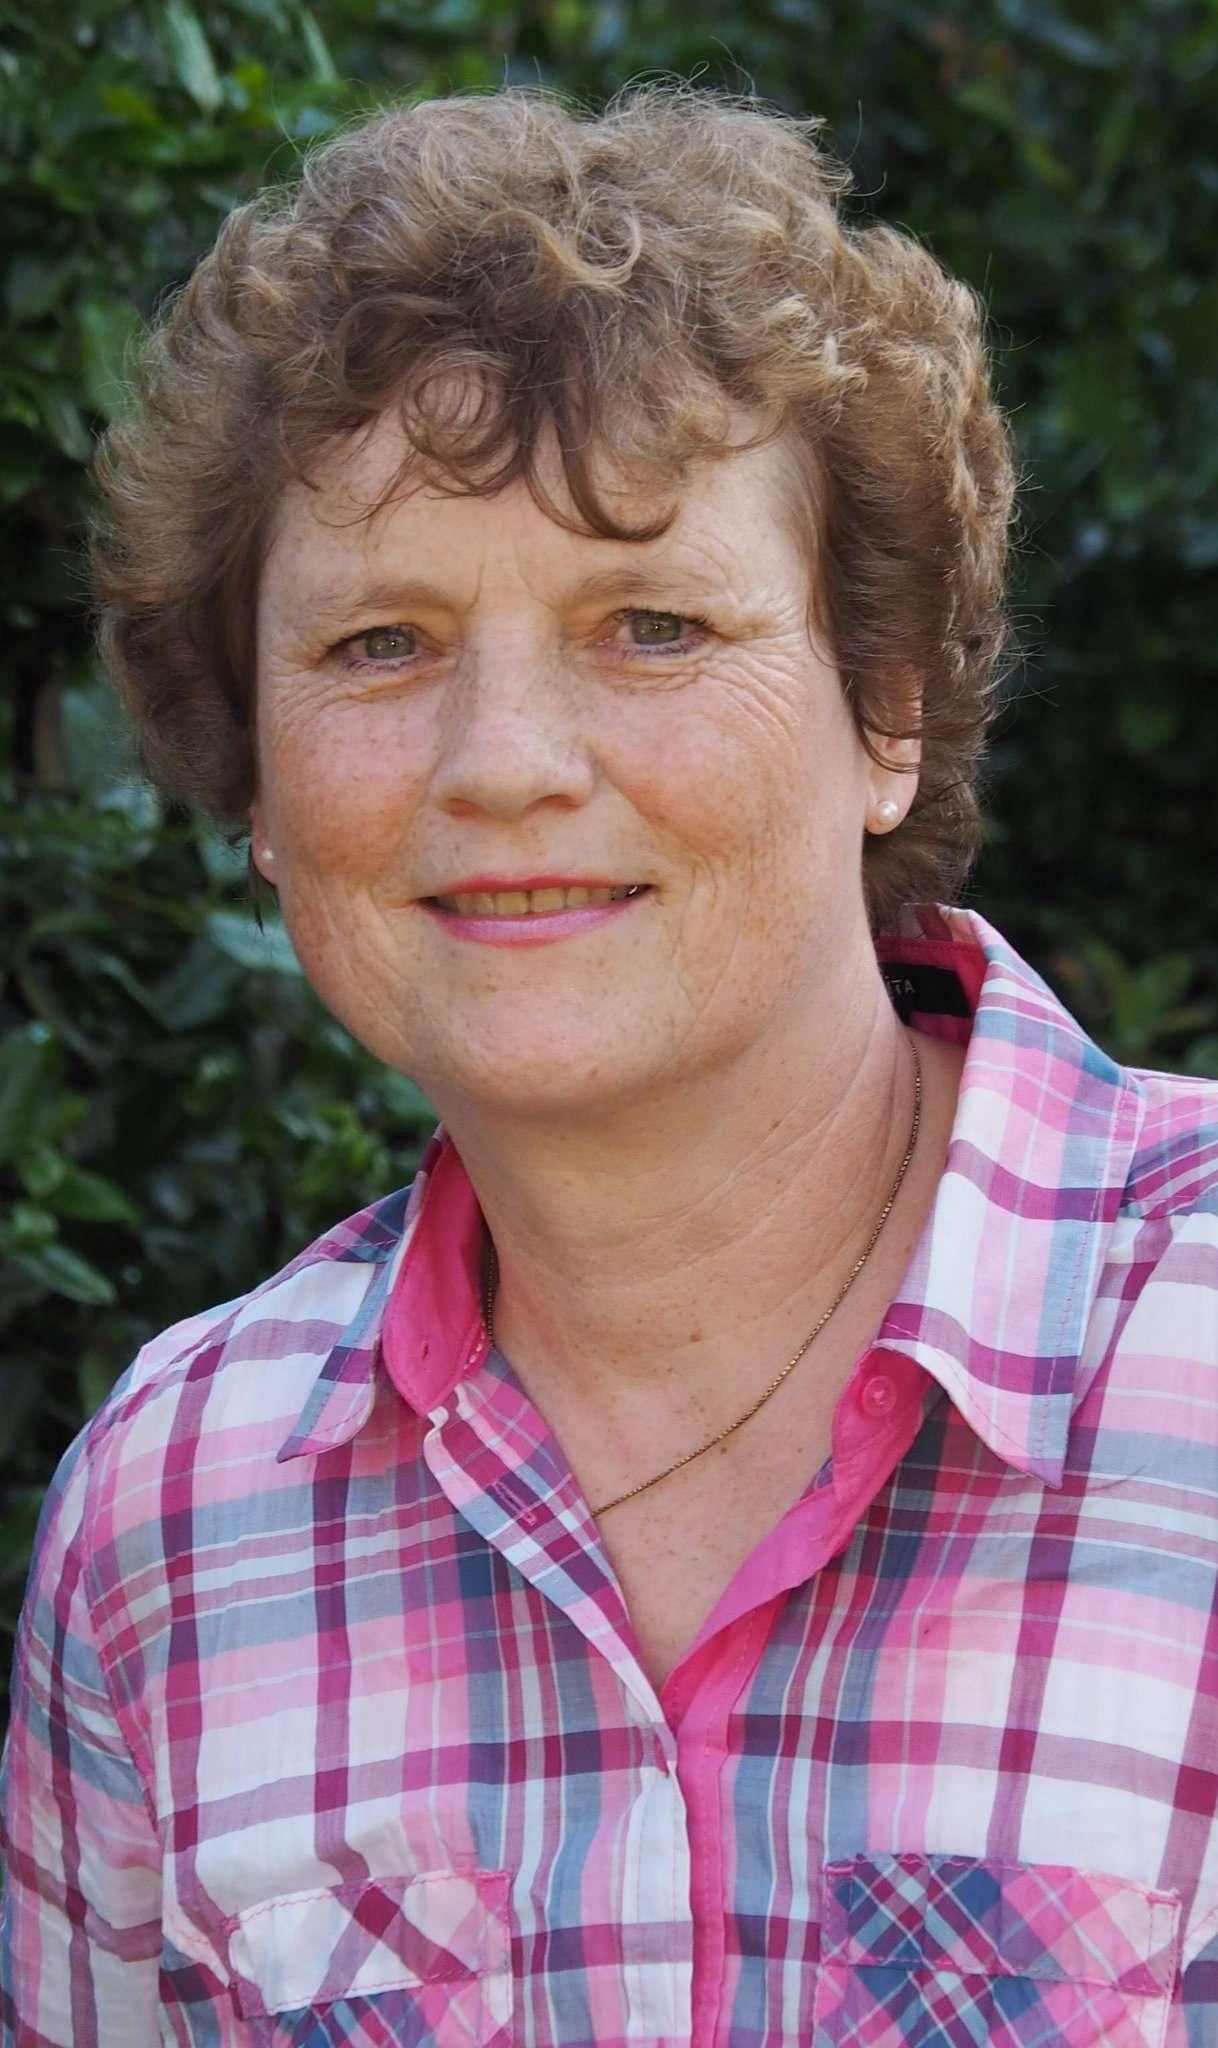 Die 63-jährige Kirchwalsederin Gabriele Hornhardt will für den Landratsposten kandidieren.